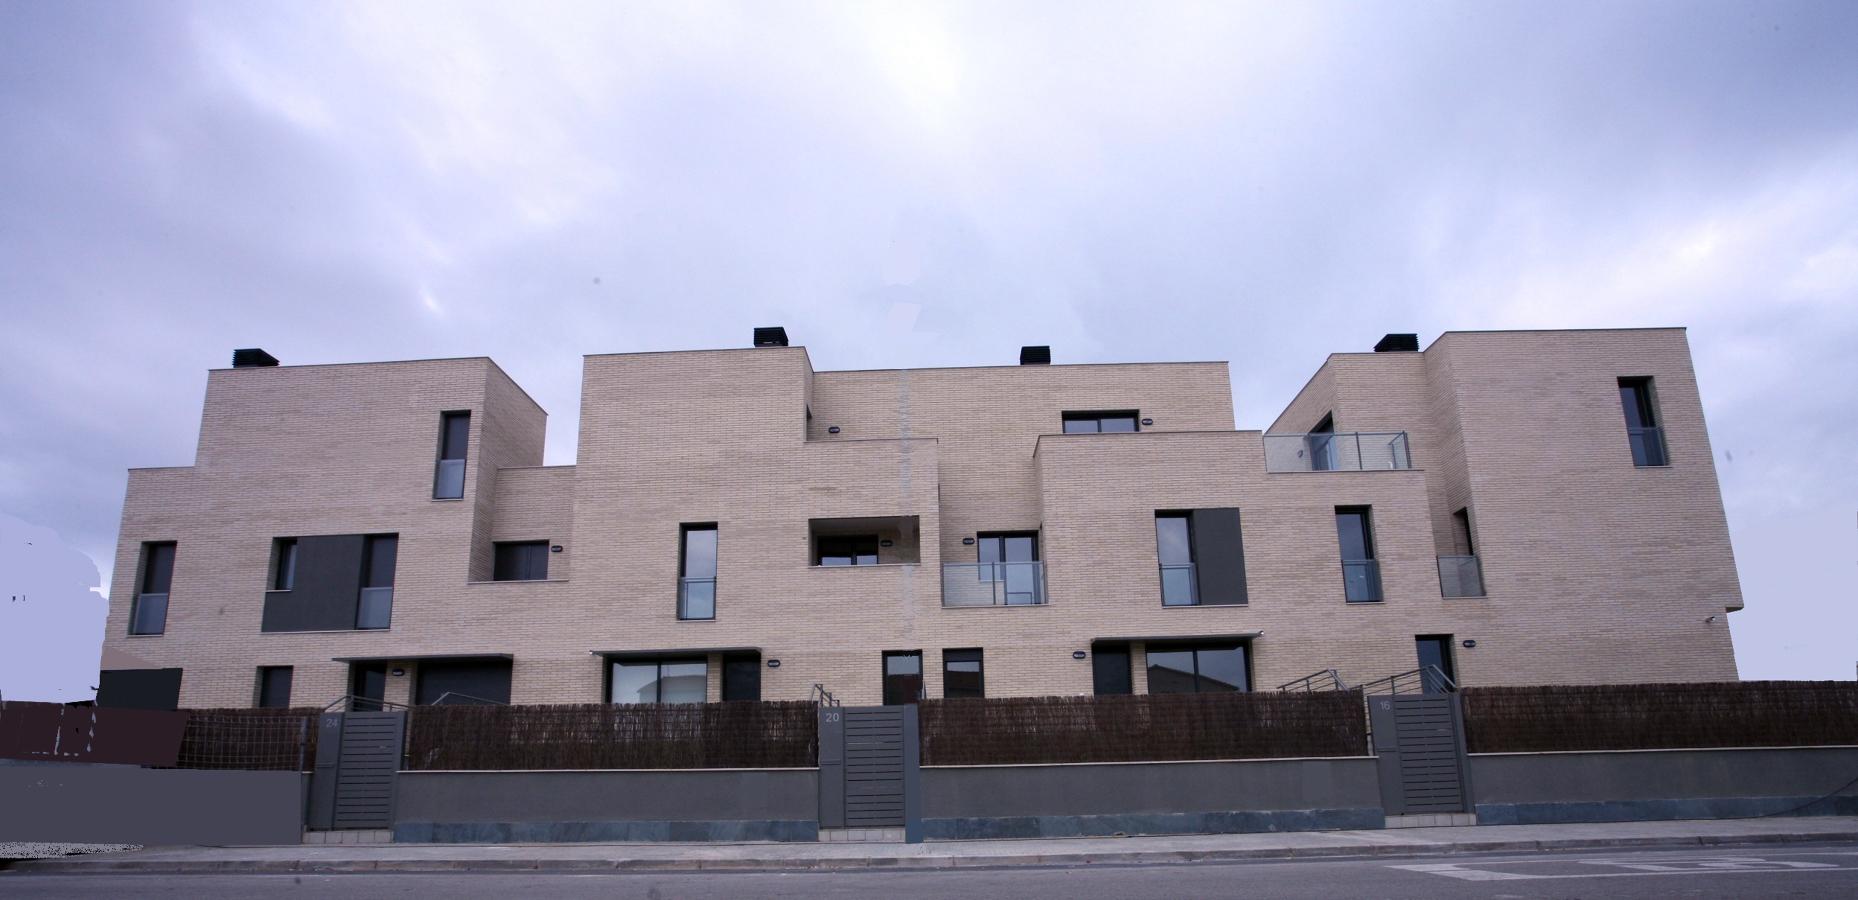 36 viviendas en Barcelona fachada sur